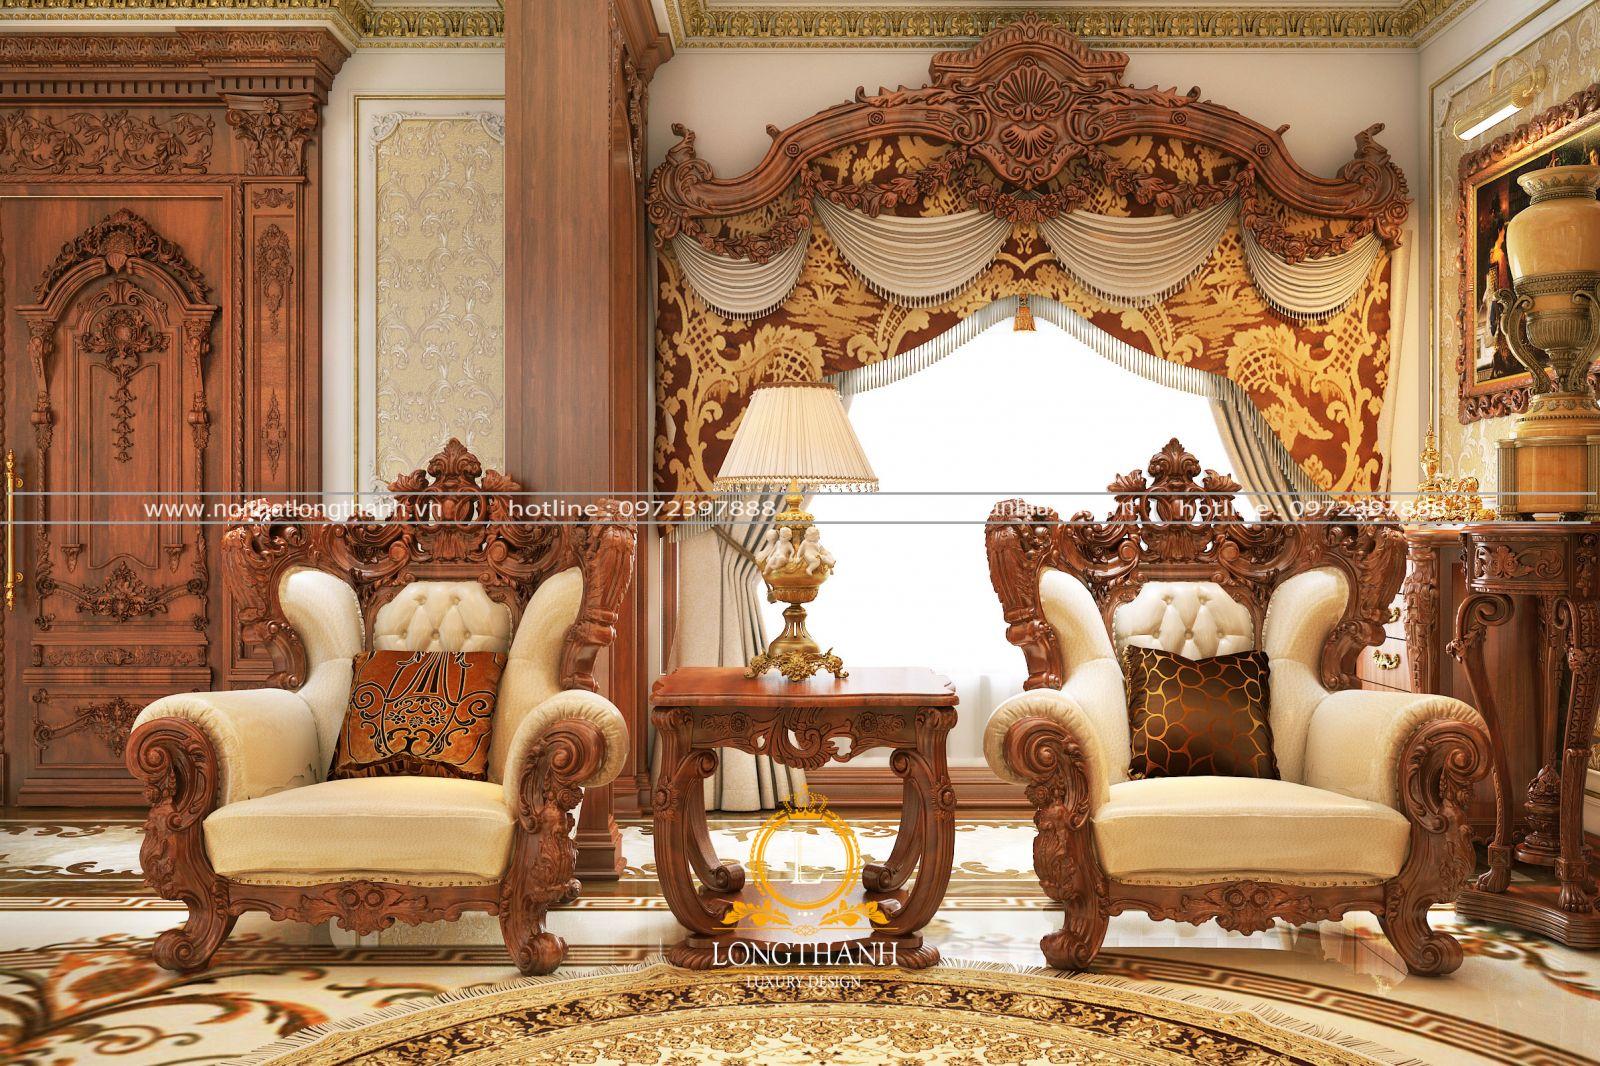 Phòng khách tân cổ điển sang trọng